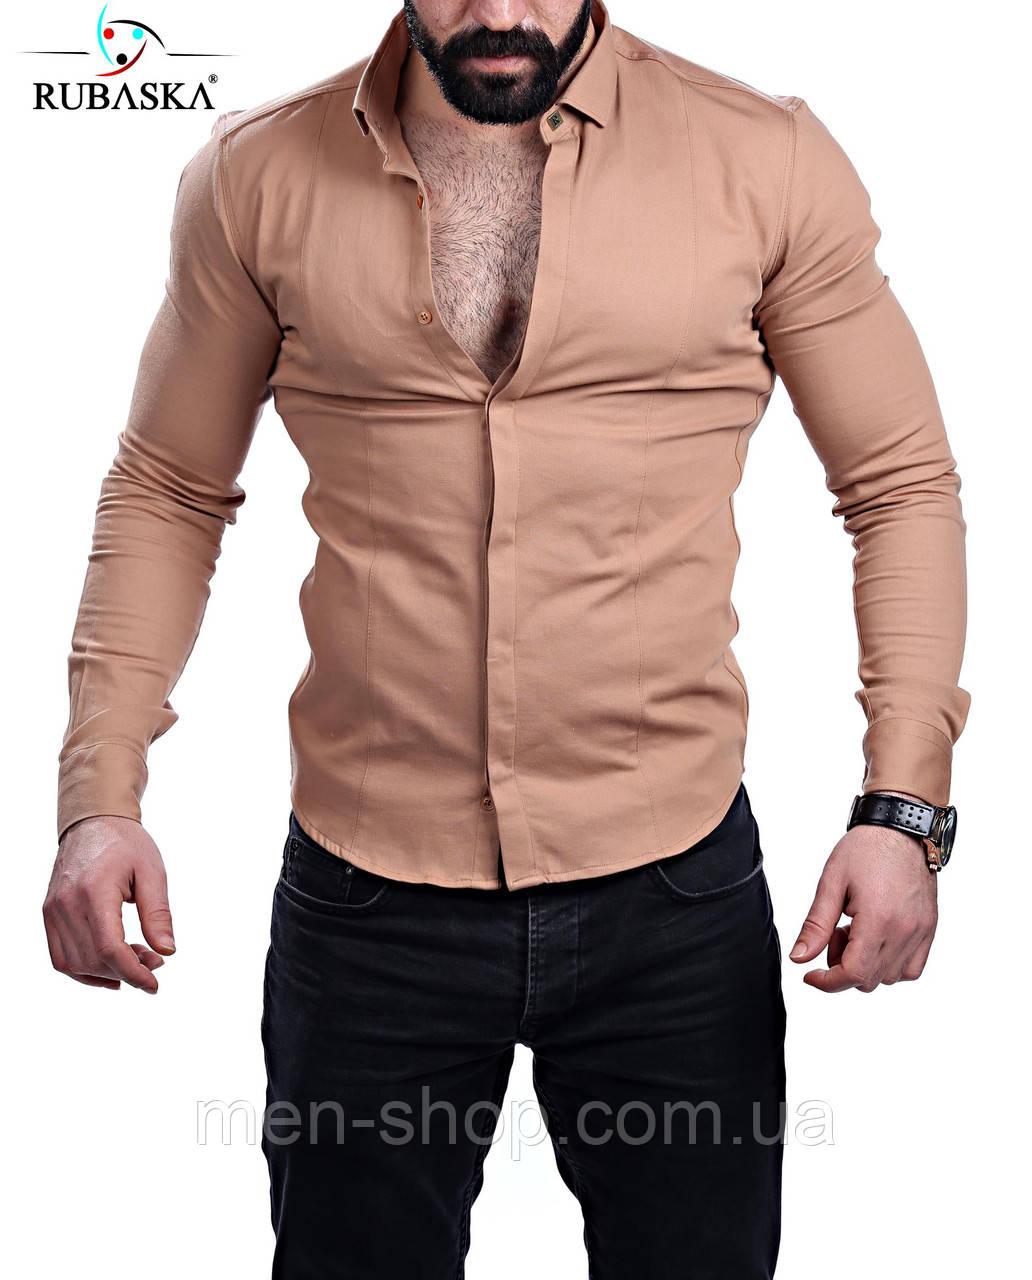 Однотонная мужская рубашка